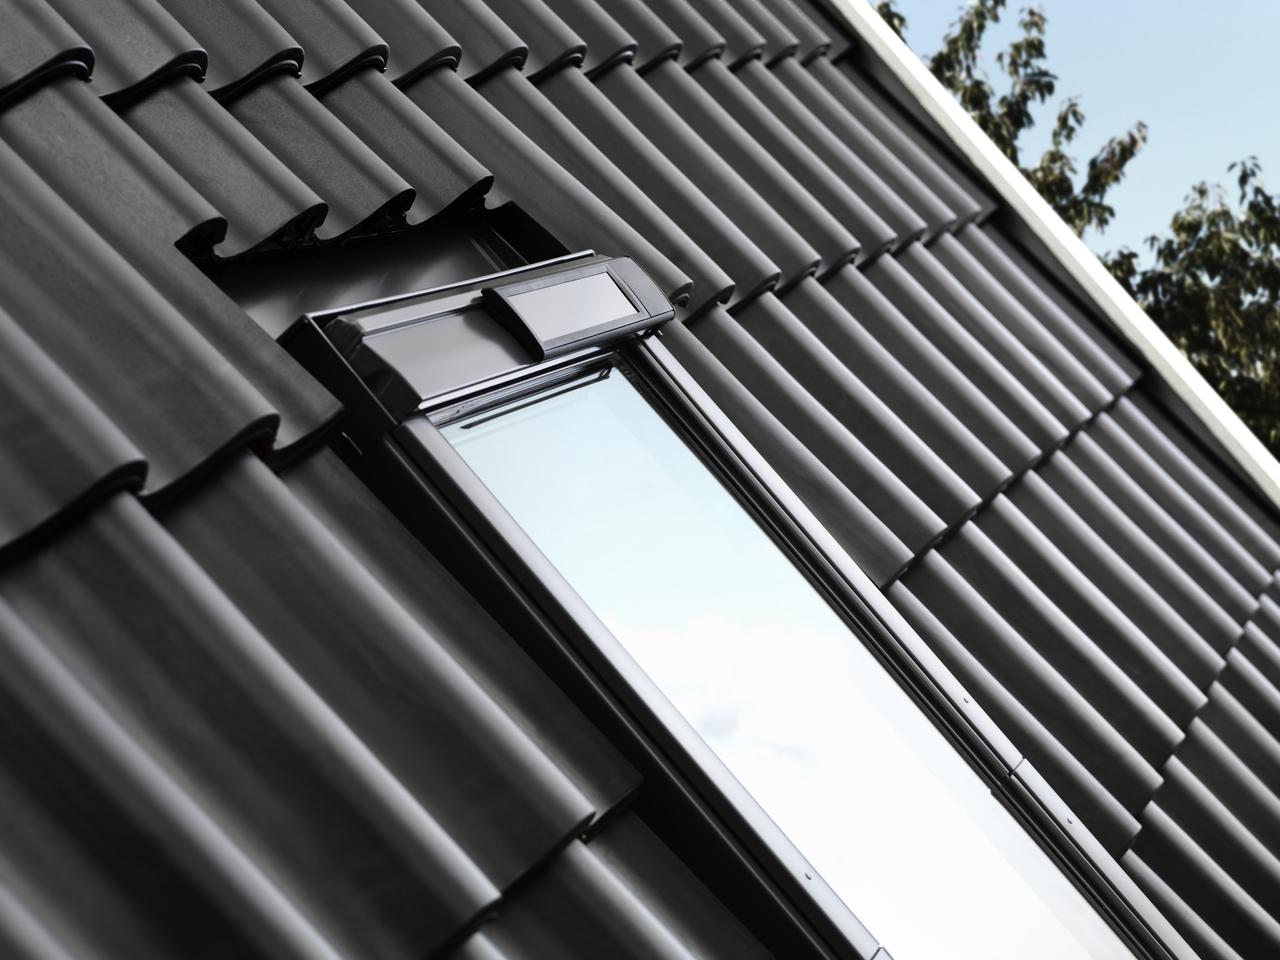 Come trasformare una finestra per tetti manuale in una finestra elettrica o solare - Quanto costa una finestra velux ...